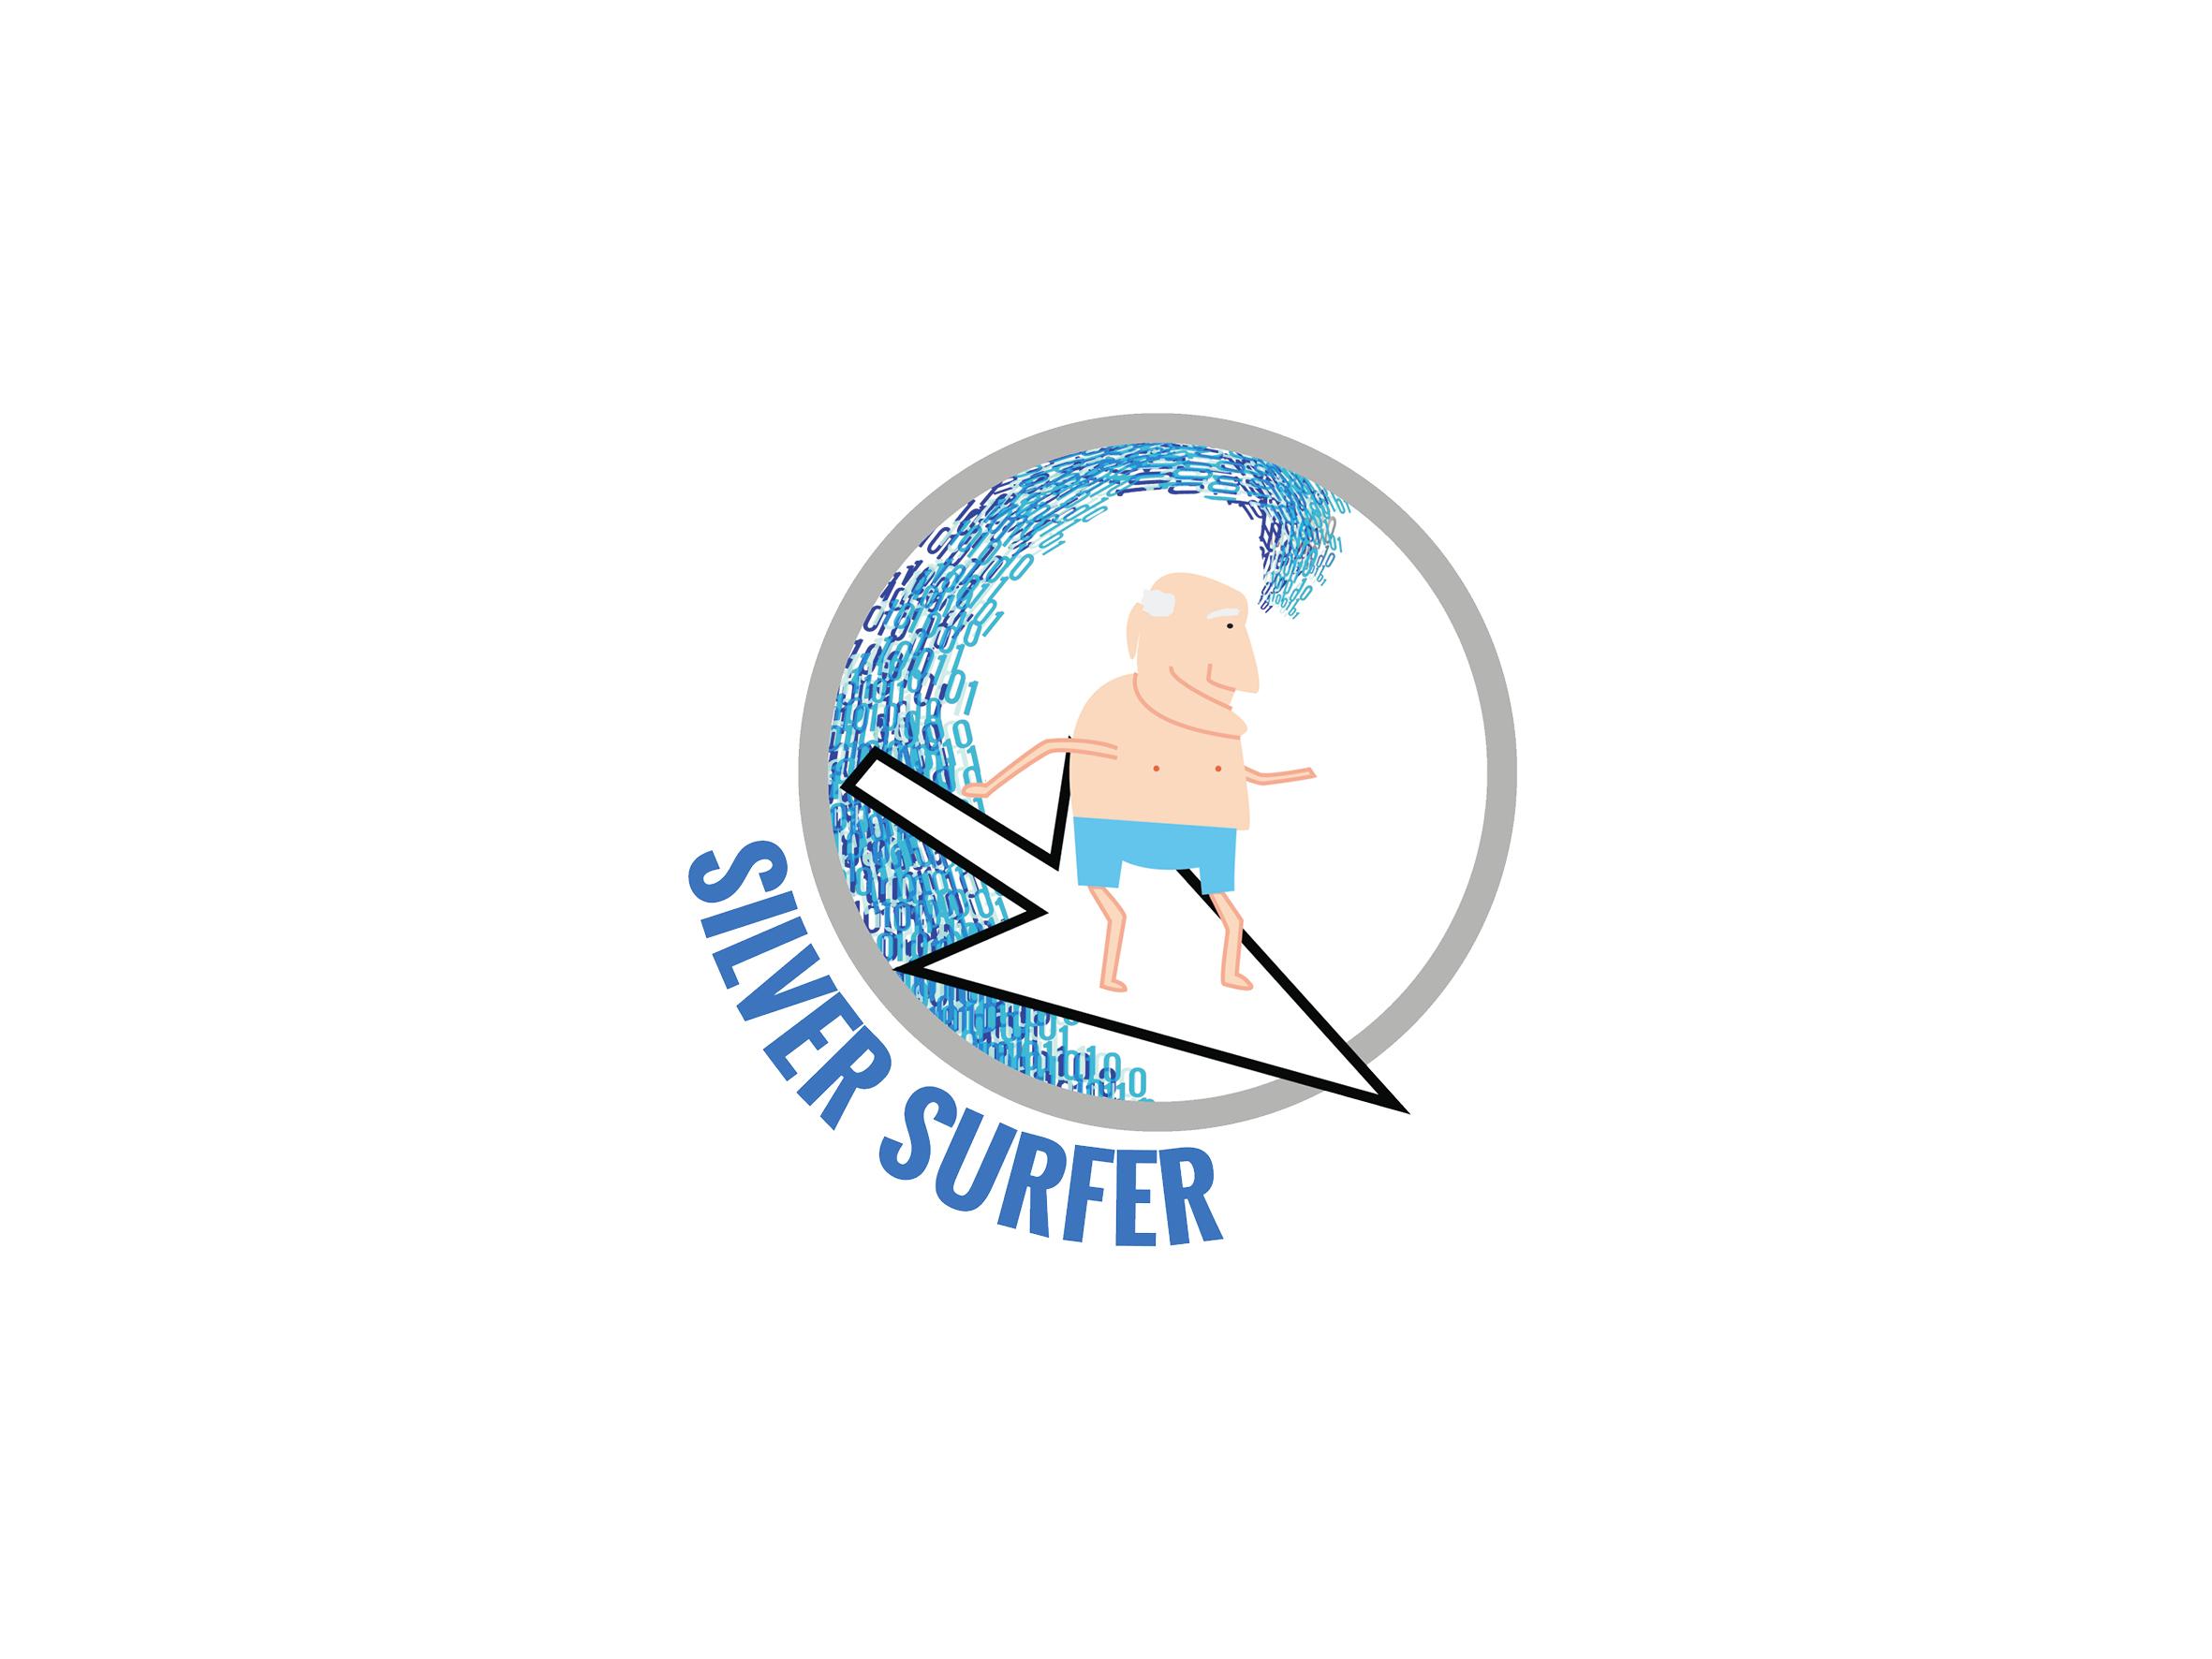 silver surfer logo design designed by Dakini Design Saltaire, Shipley, Bradford